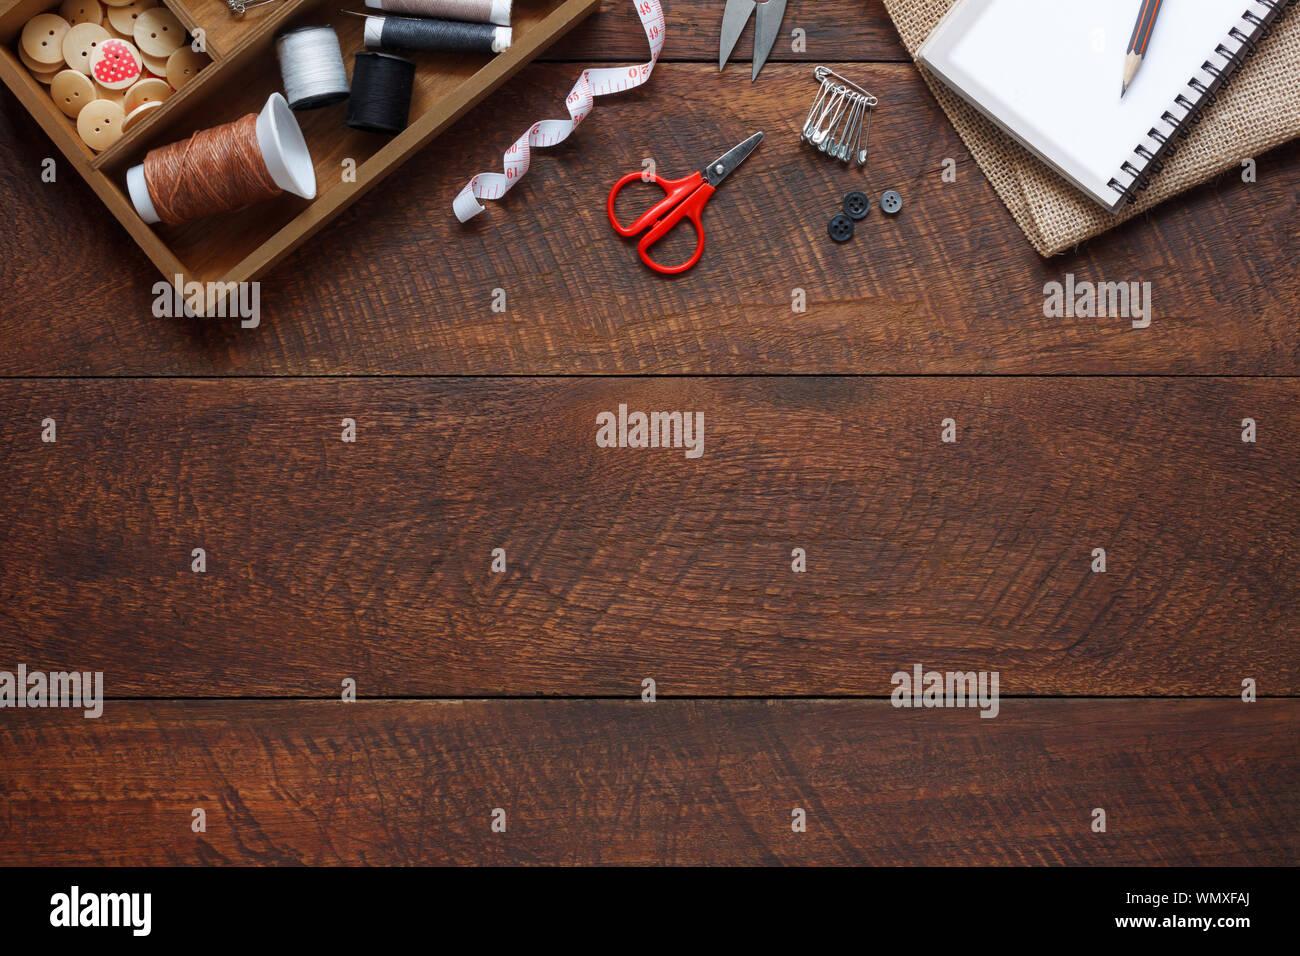 Imagen aérea laicos plana del diseñador de moda artículos concepto de fondo.La vista superior o adaptar accesorios de costura en equipos modernos rústicos de madera marrón en casa Foto de stock